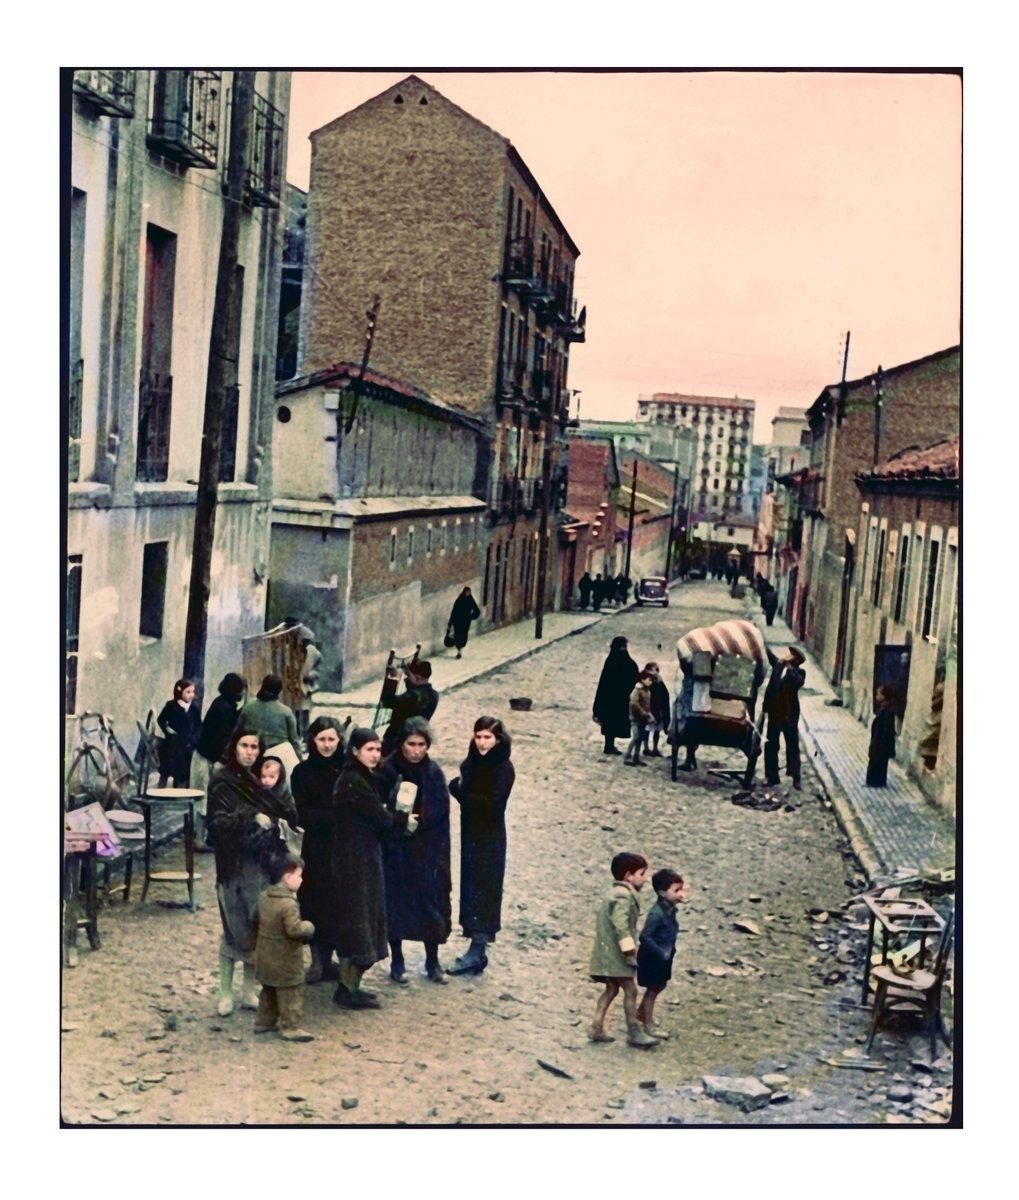 Tras un bombardeo en el barrio de Vallecas, la gente desaloja los enseres que pueden y se preparan para marcharse tras quedarse sin casa. Refugiados. 1936. Foto Archivo BNE. Coloreada